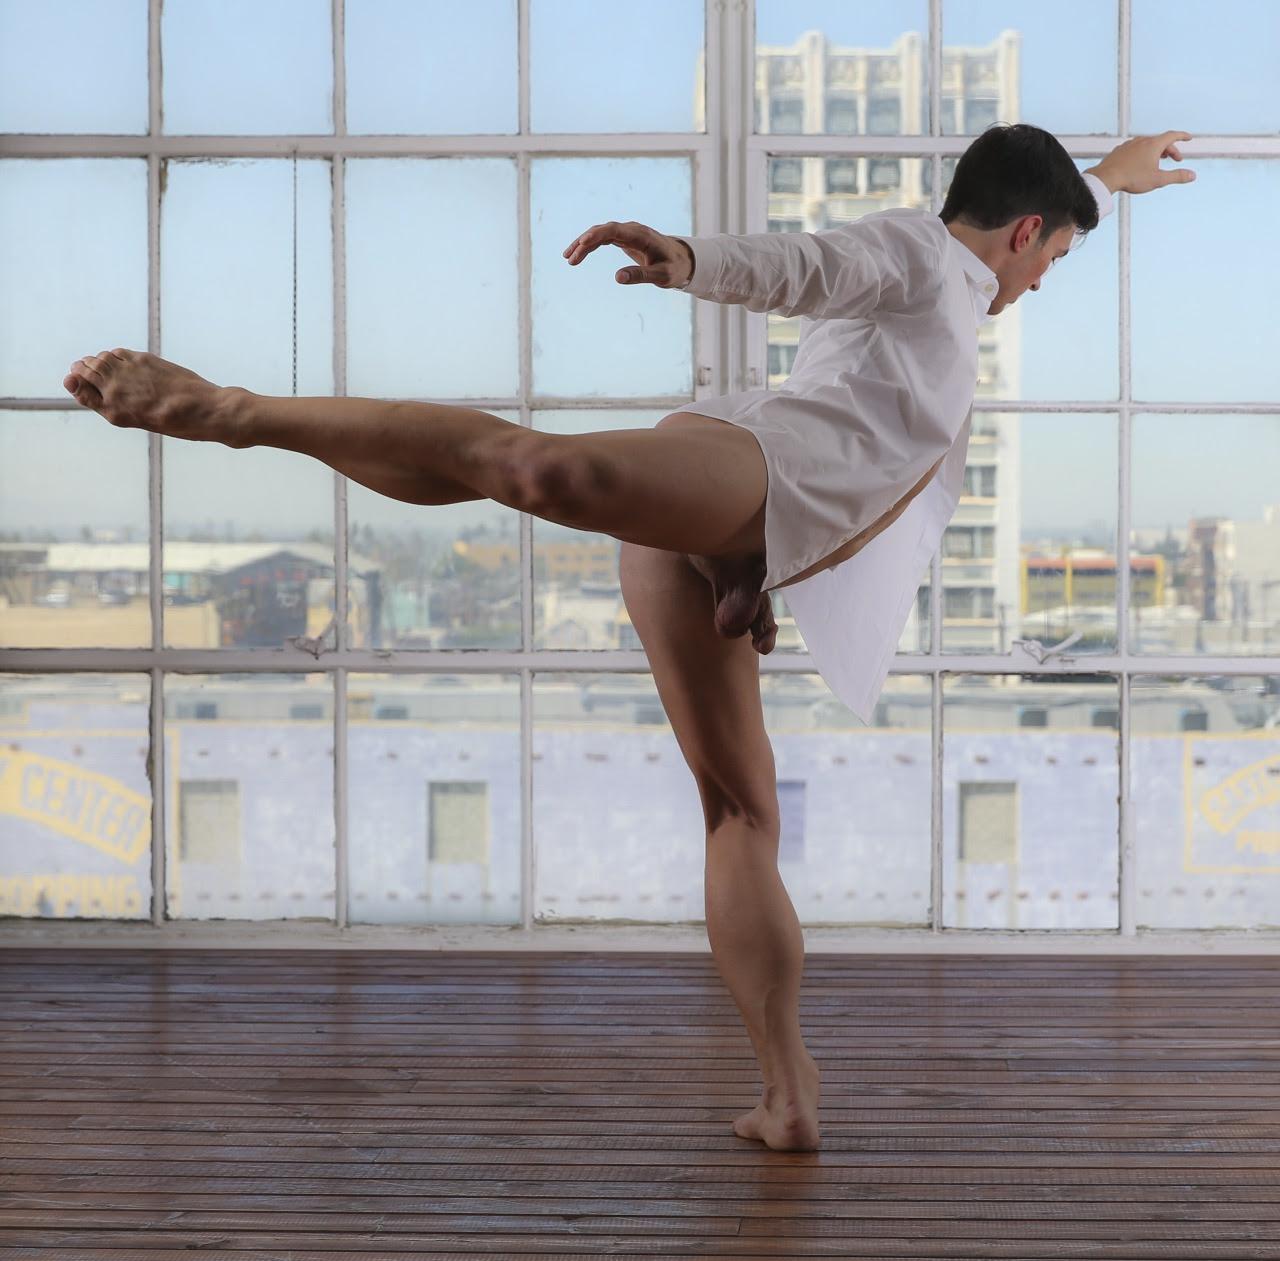 Greg, arabesque attitude by g.d.leigh